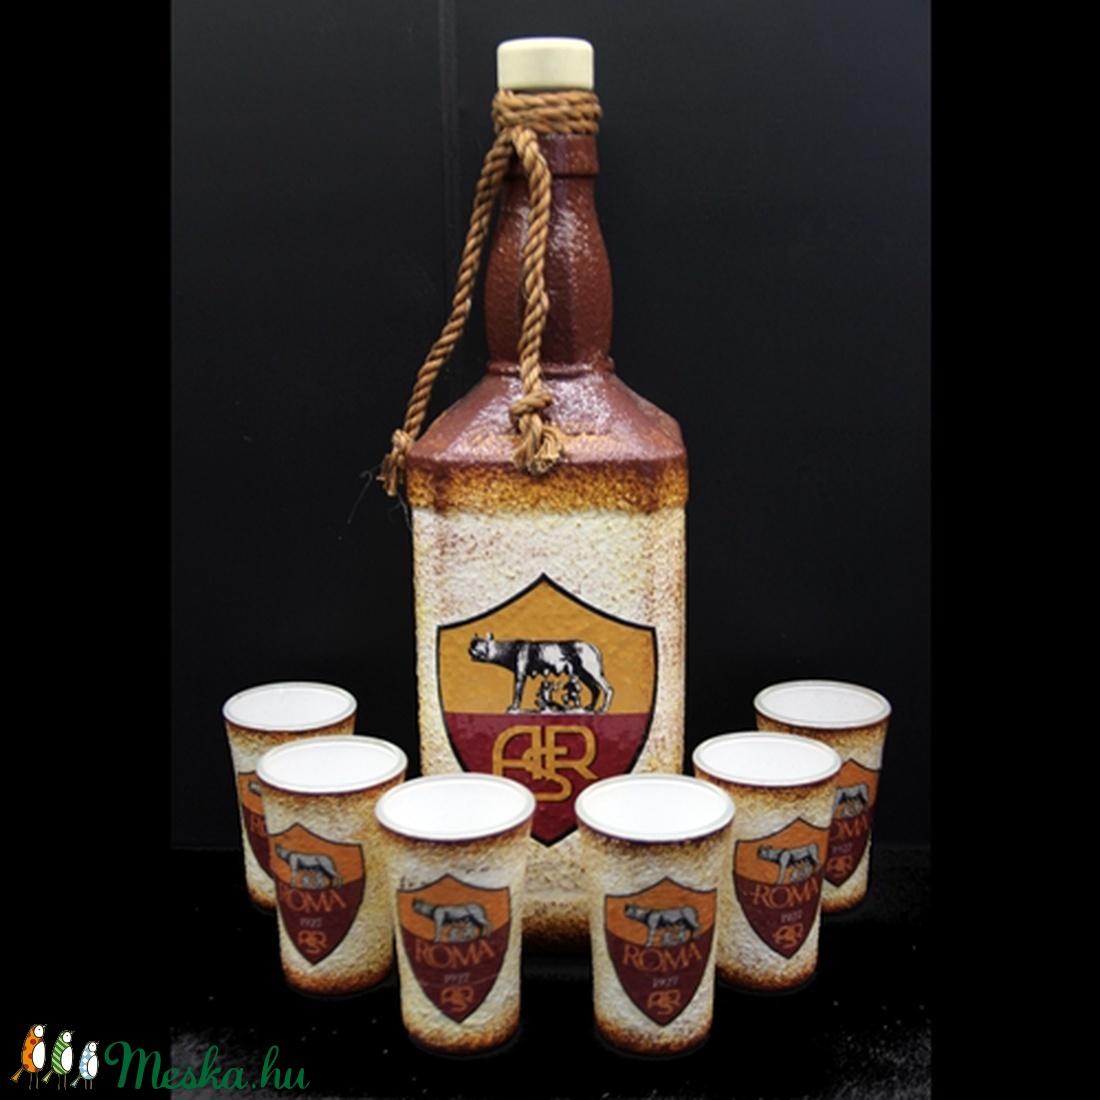 AS ROMA  emblémával díszített  pálinkás szett ( 0,75 l üveg + 6x45ml pohár )  (decorfantasy) - Meska.hu